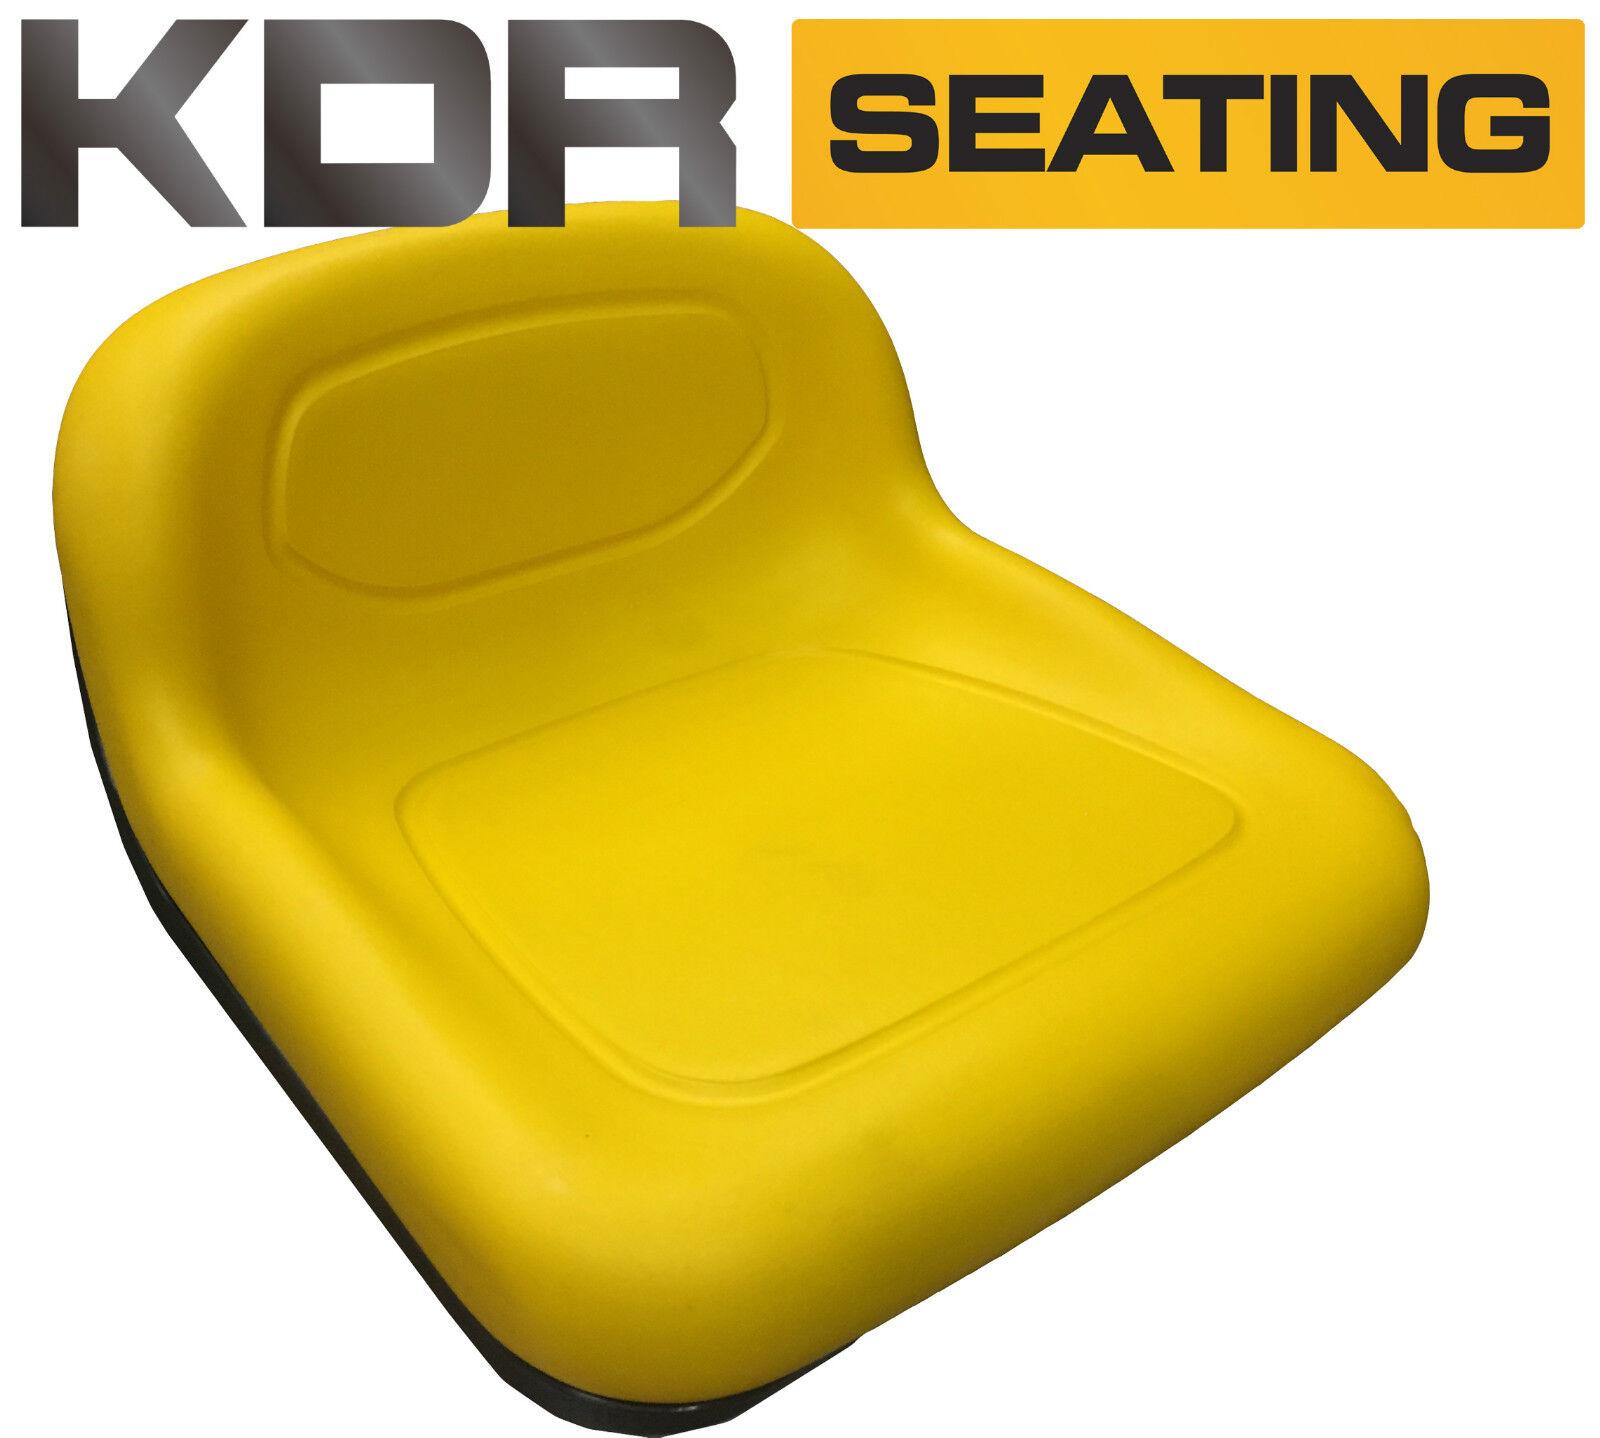 garanzia di qualità Vendita  Milsco Milsco Milsco XH110 MTD John Deere Ride Su Tosaerba Trattore SEAT Pan in PVC giallo  Nuova lista